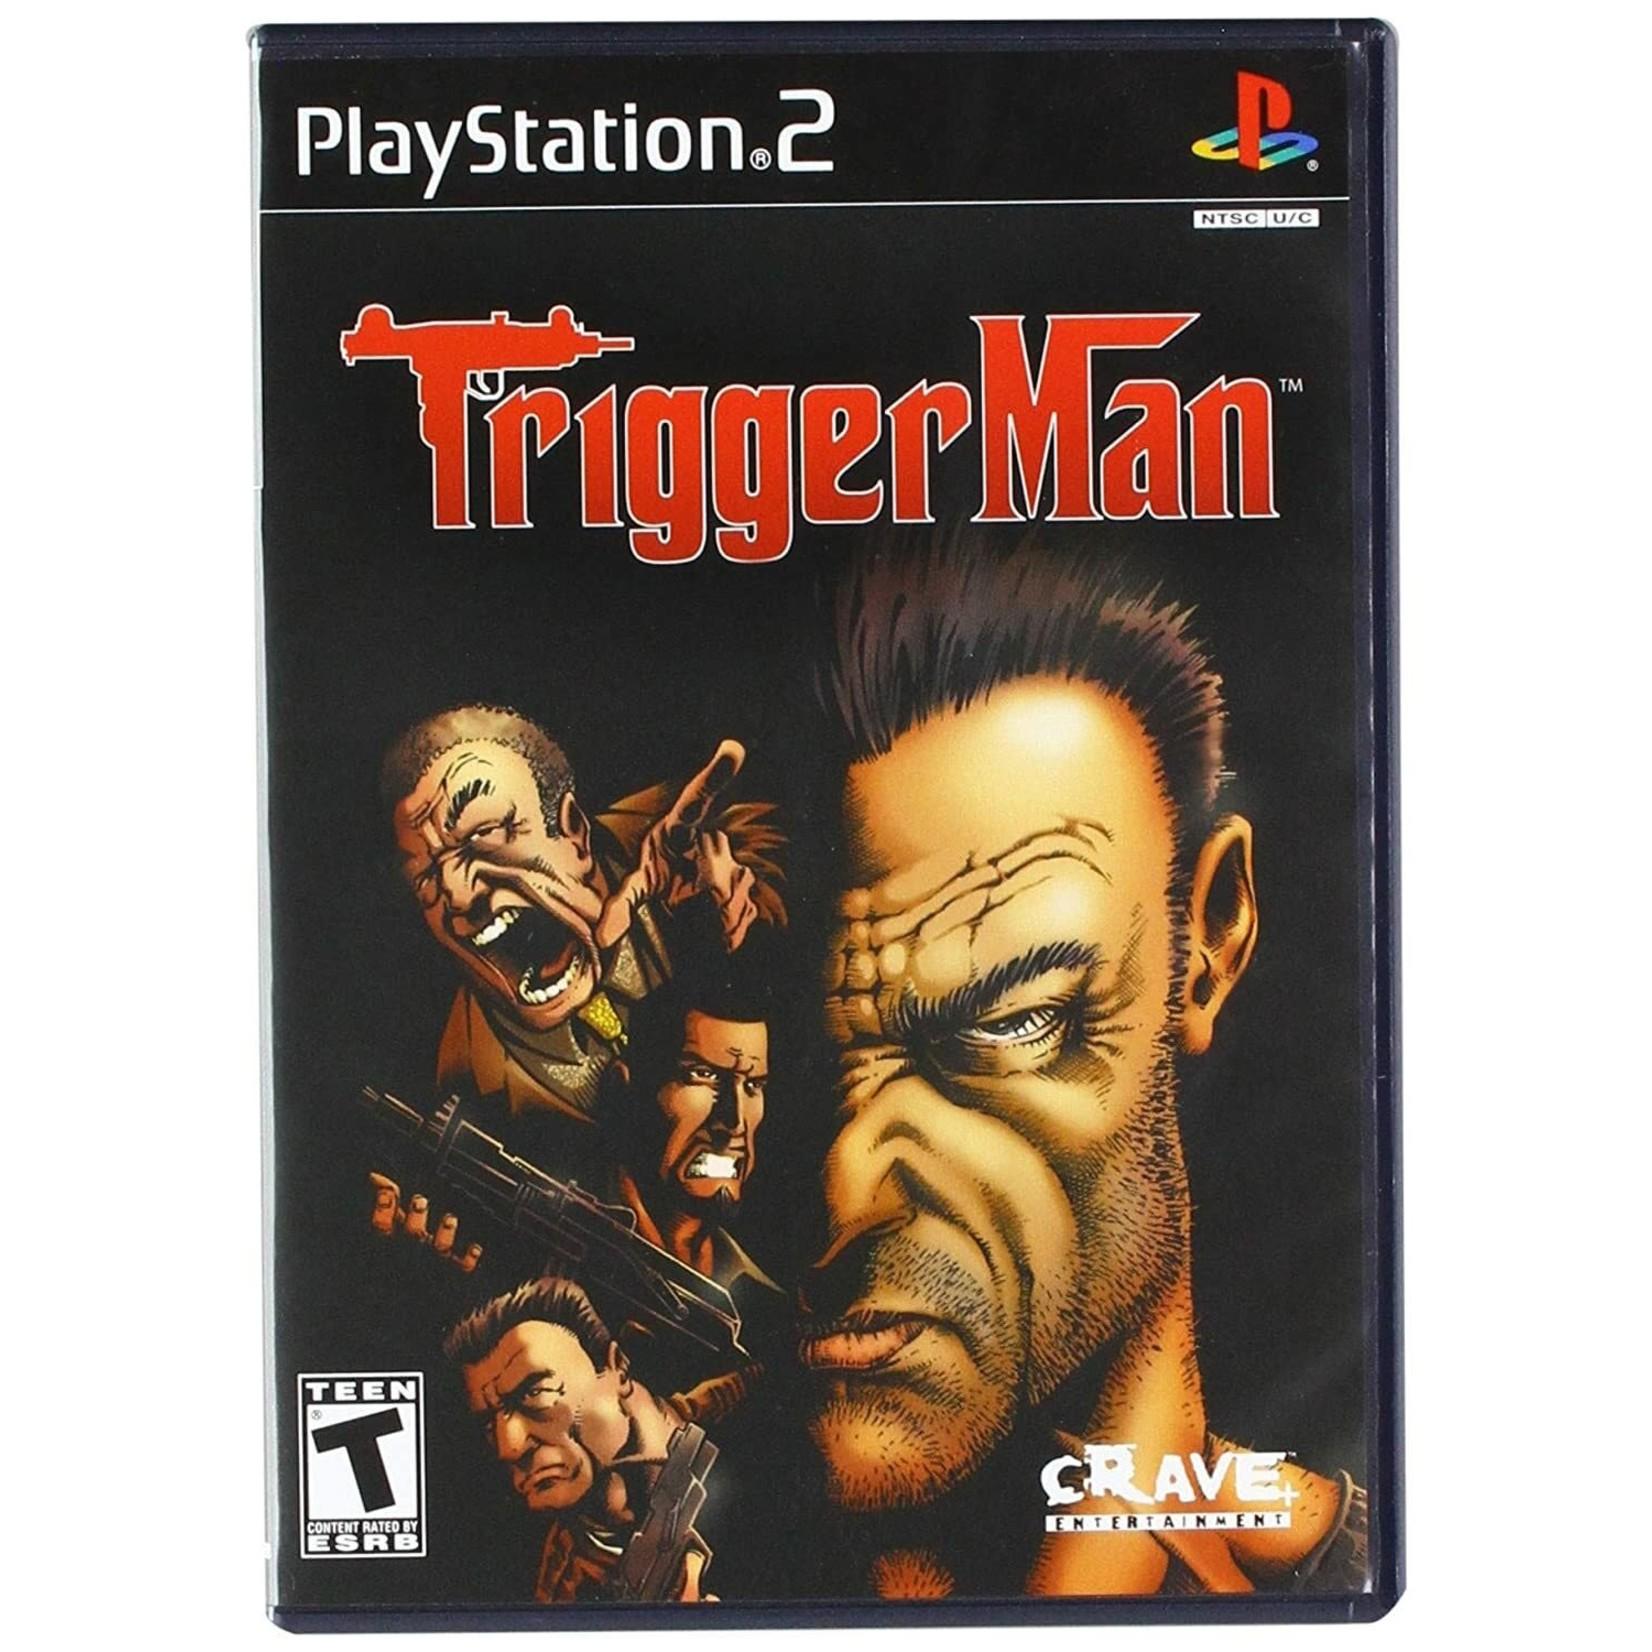 PS2U-Trigger Man